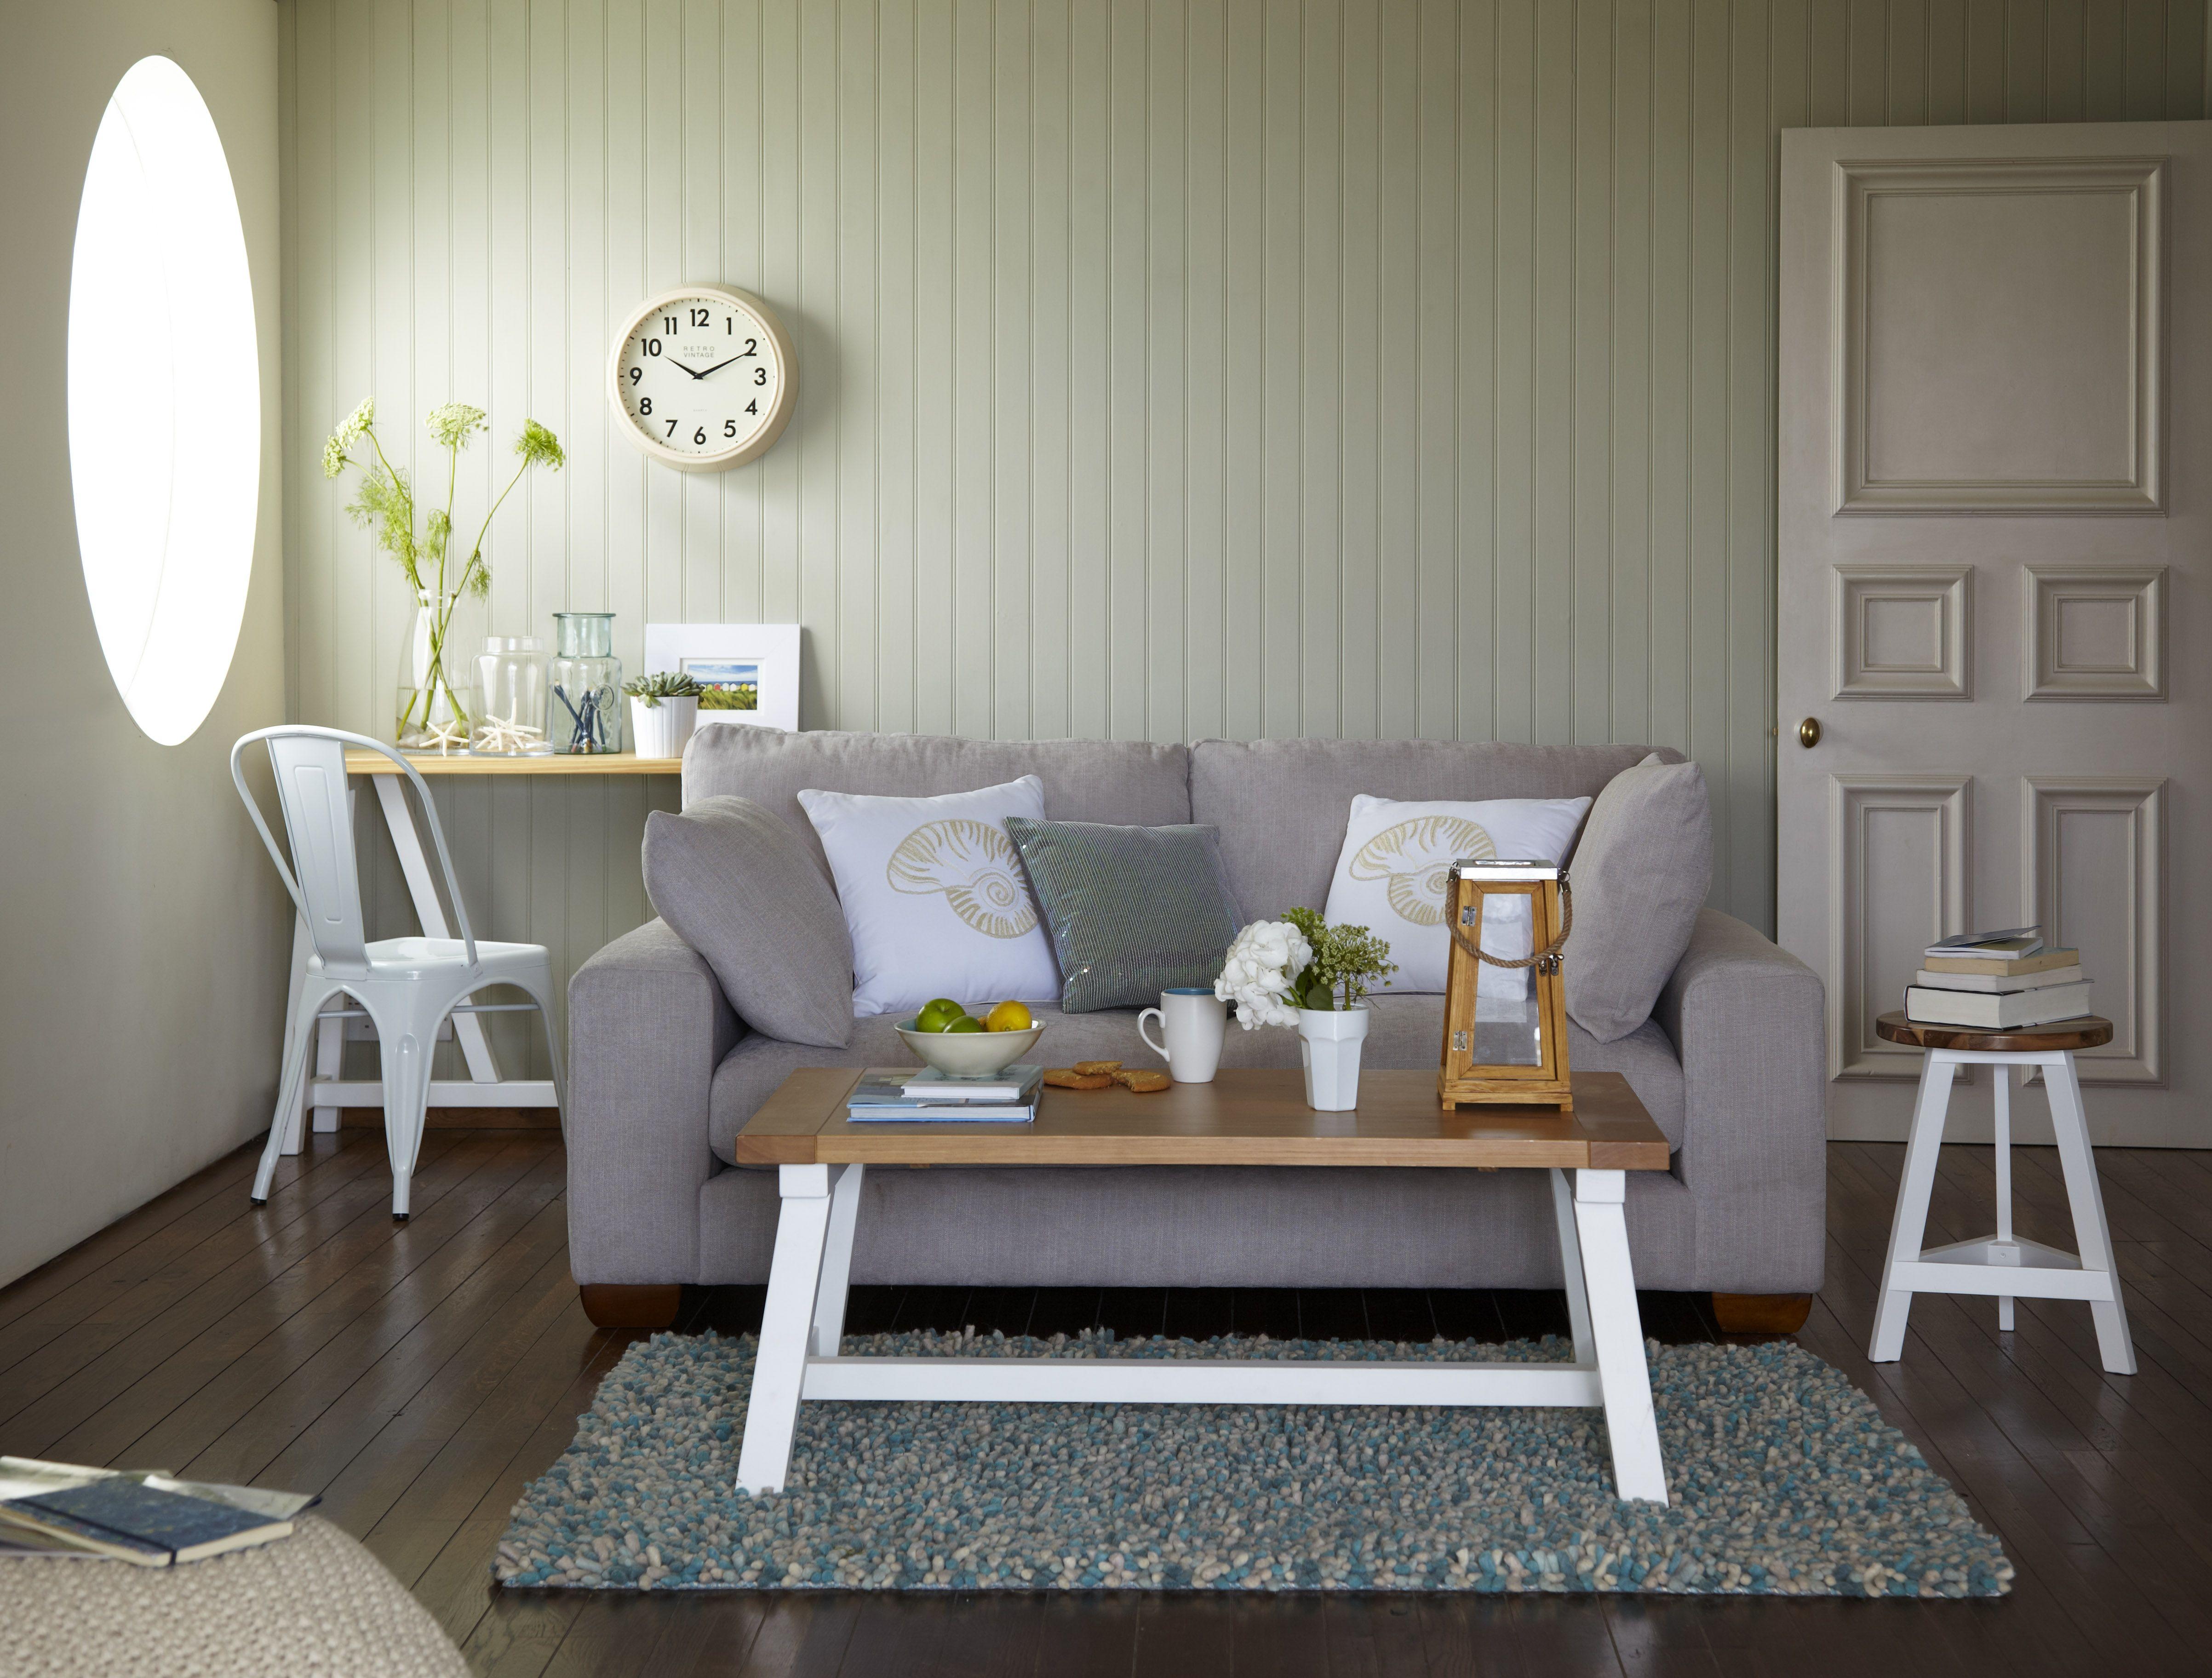 living room furniture sets 2015. Living Room Furniture Sets 2015 O